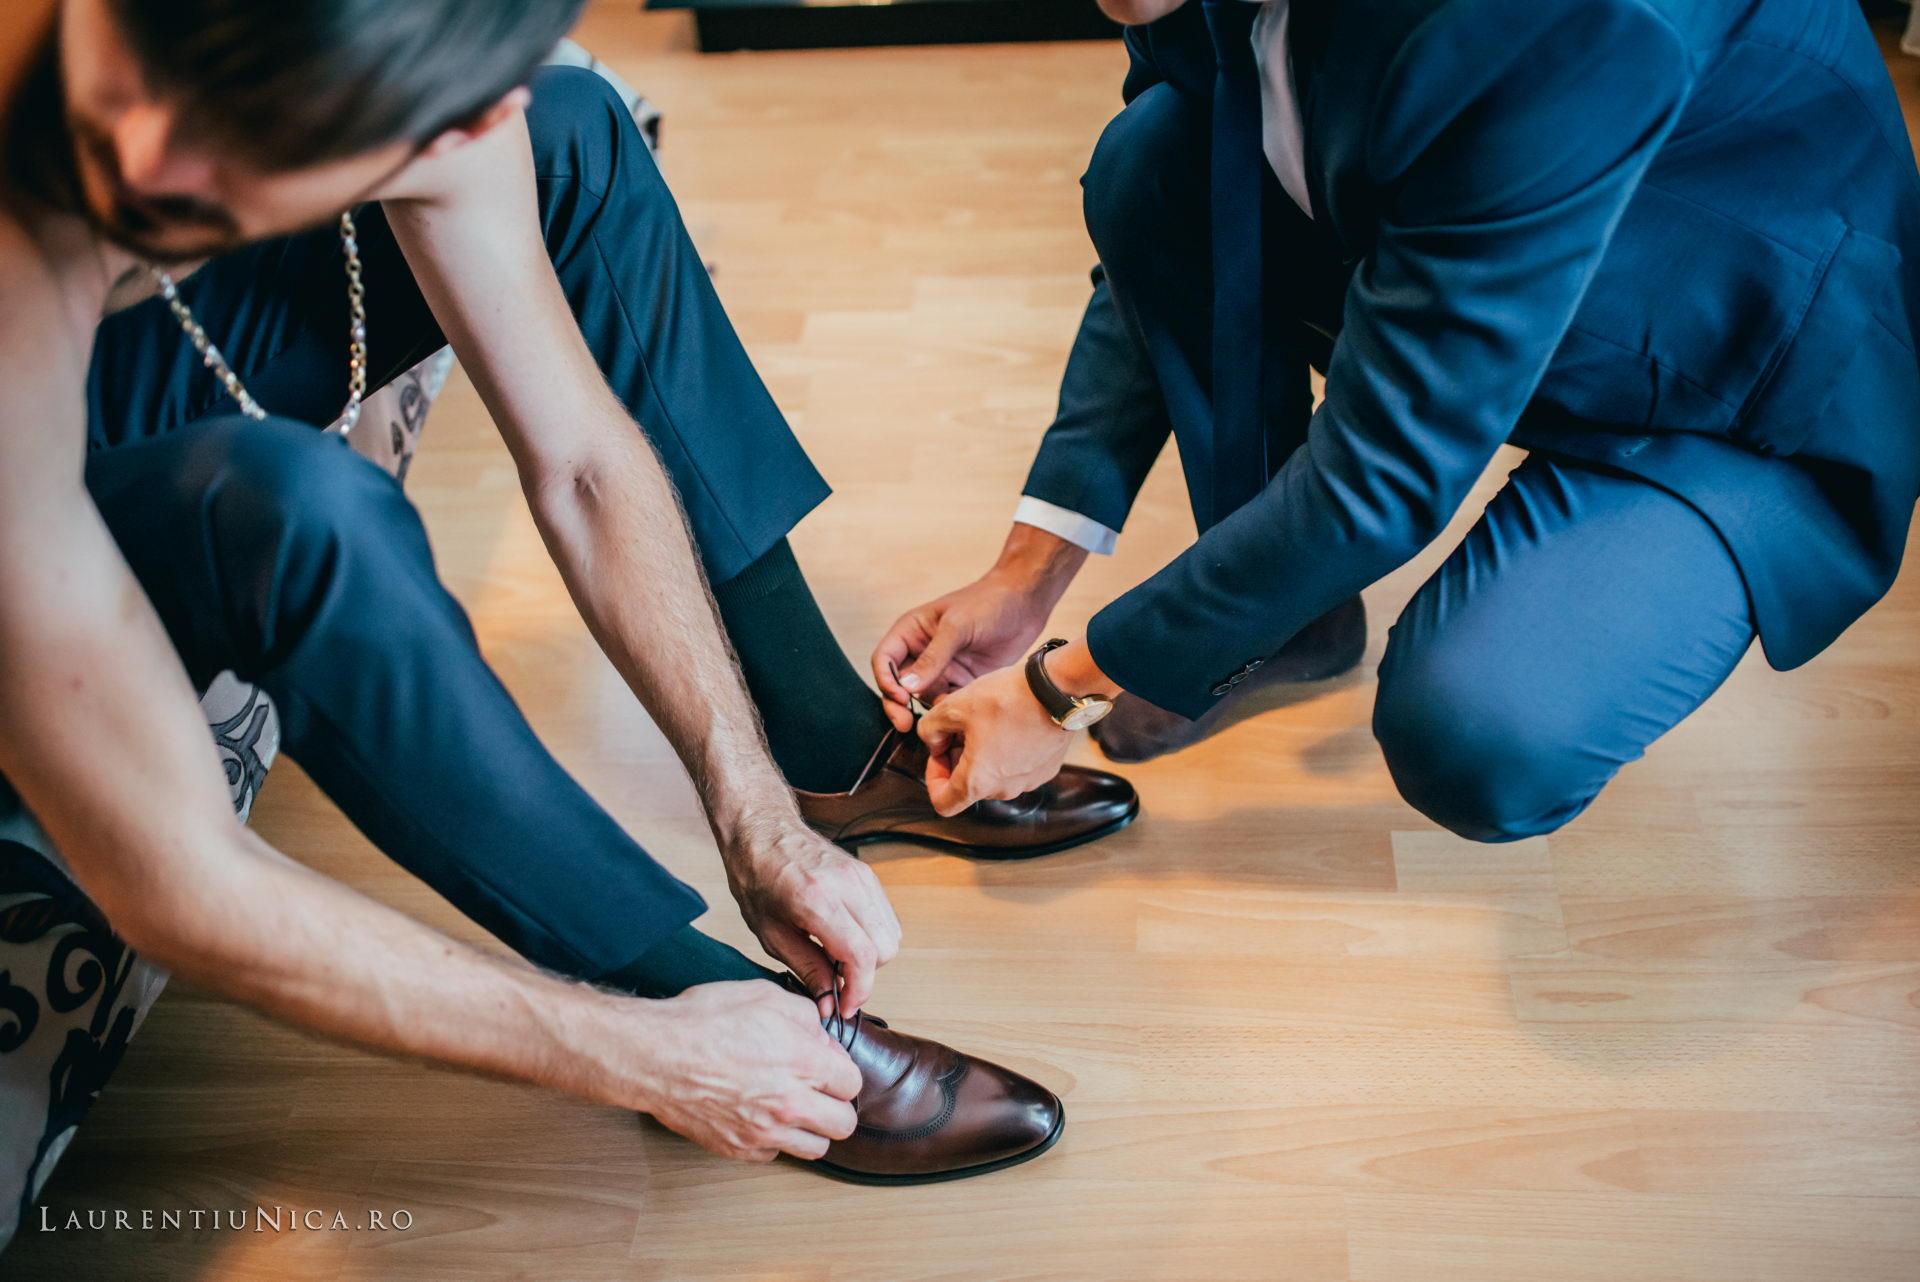 Cristina si Ovidiu nunta Craiova fotograf laurentiu nica 034 - Cristina & Ovidiu | Fotografii nunta | Craiova